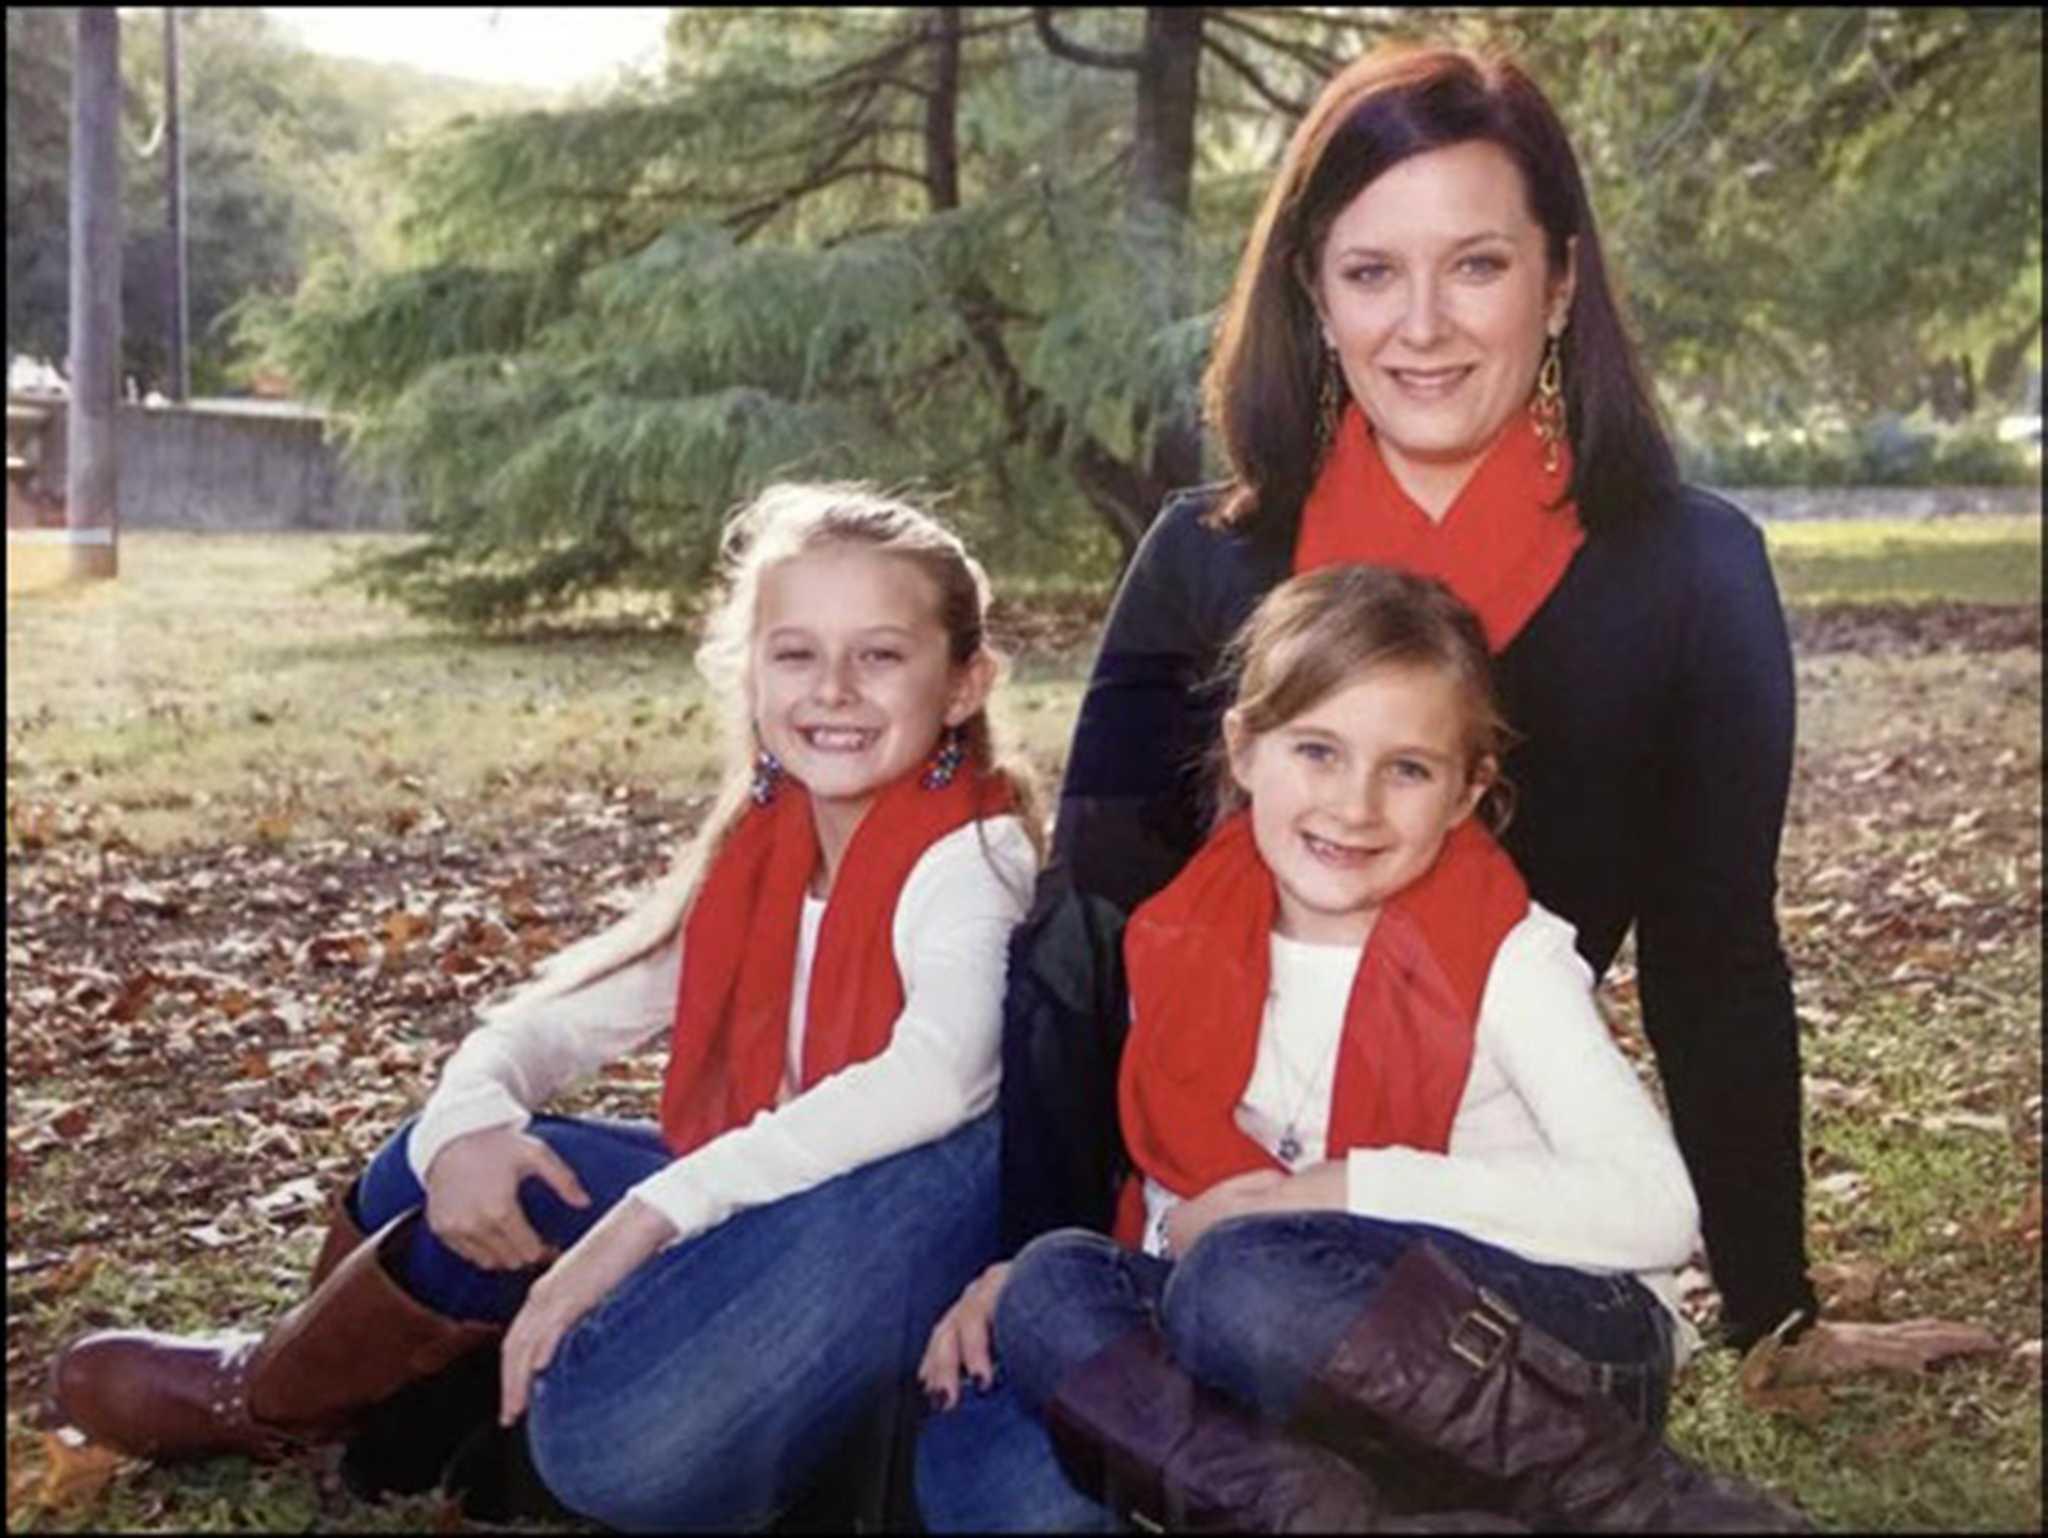 San Antonio family sues Colorado ski resort